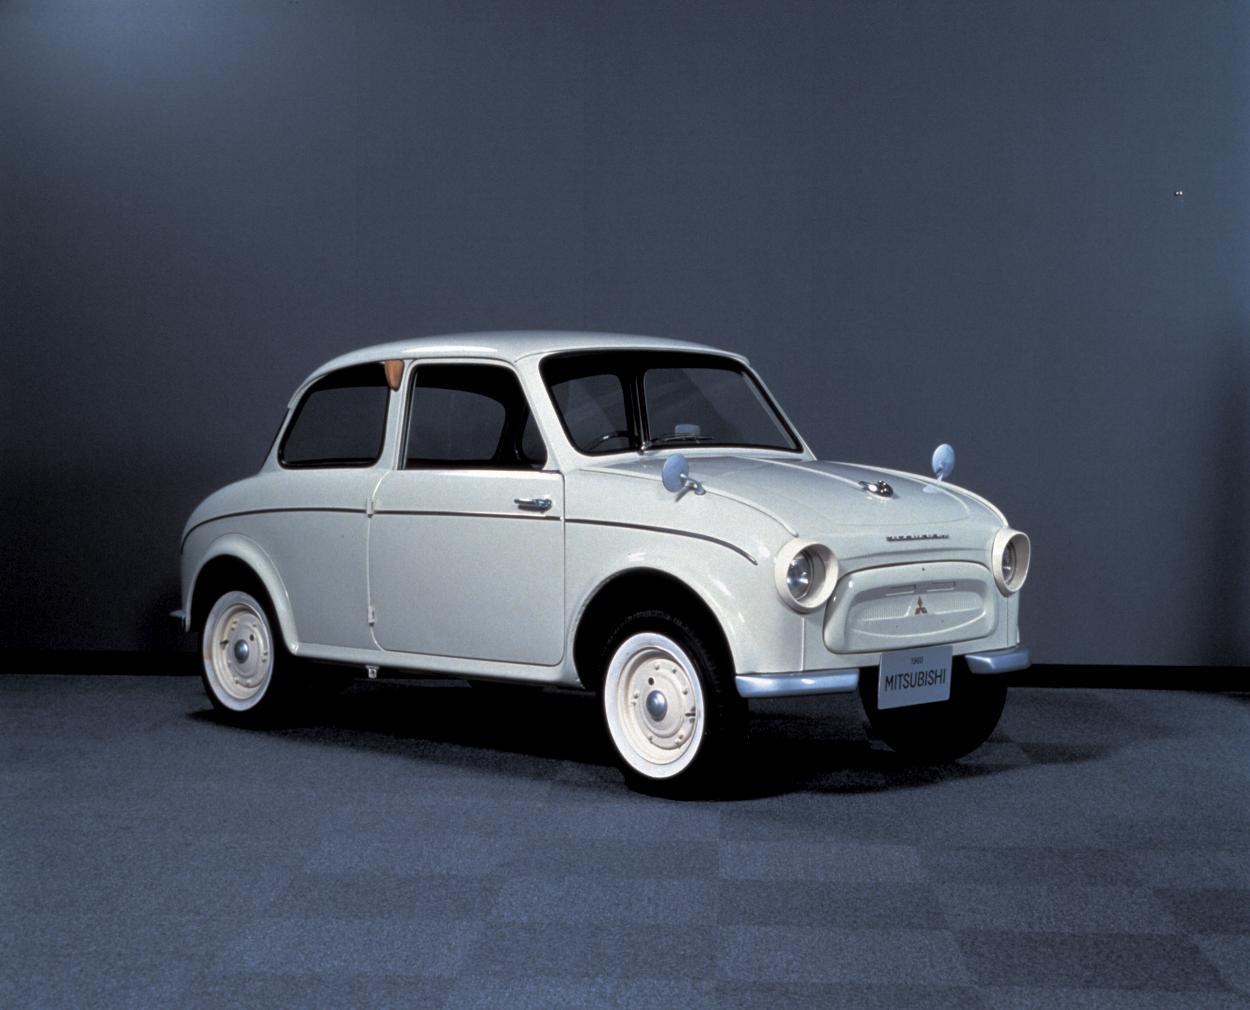 Mitsubishi 500 I 1960 - 1962 Sedan 2 door #5